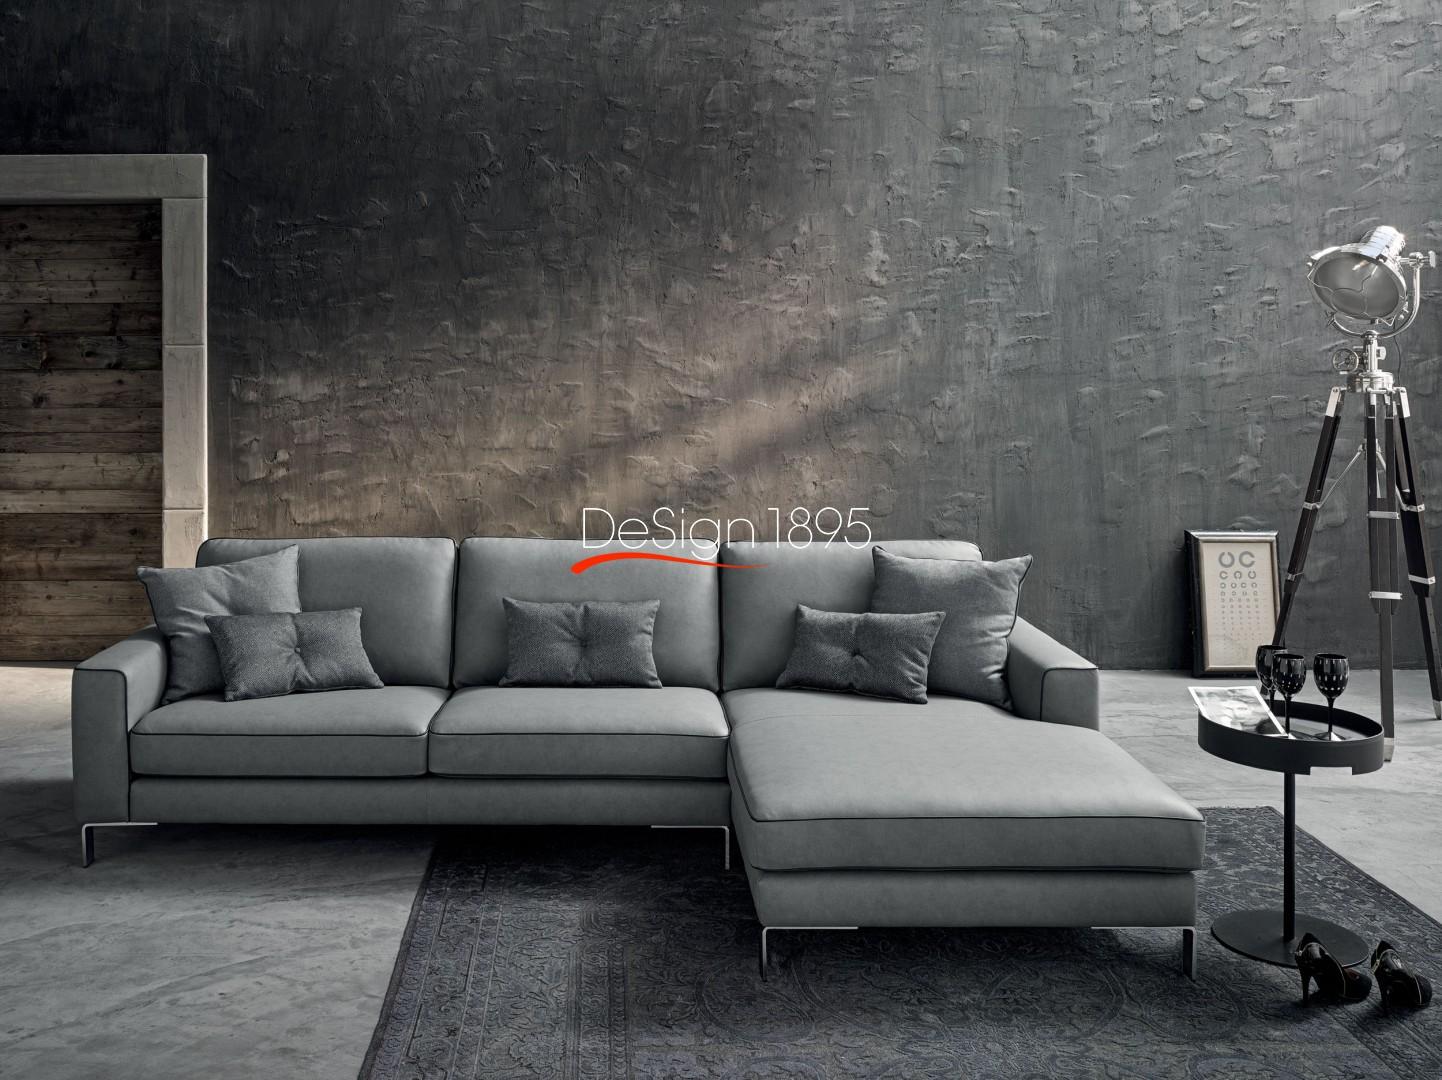 LC Divani grey   De Simon Arredamenti